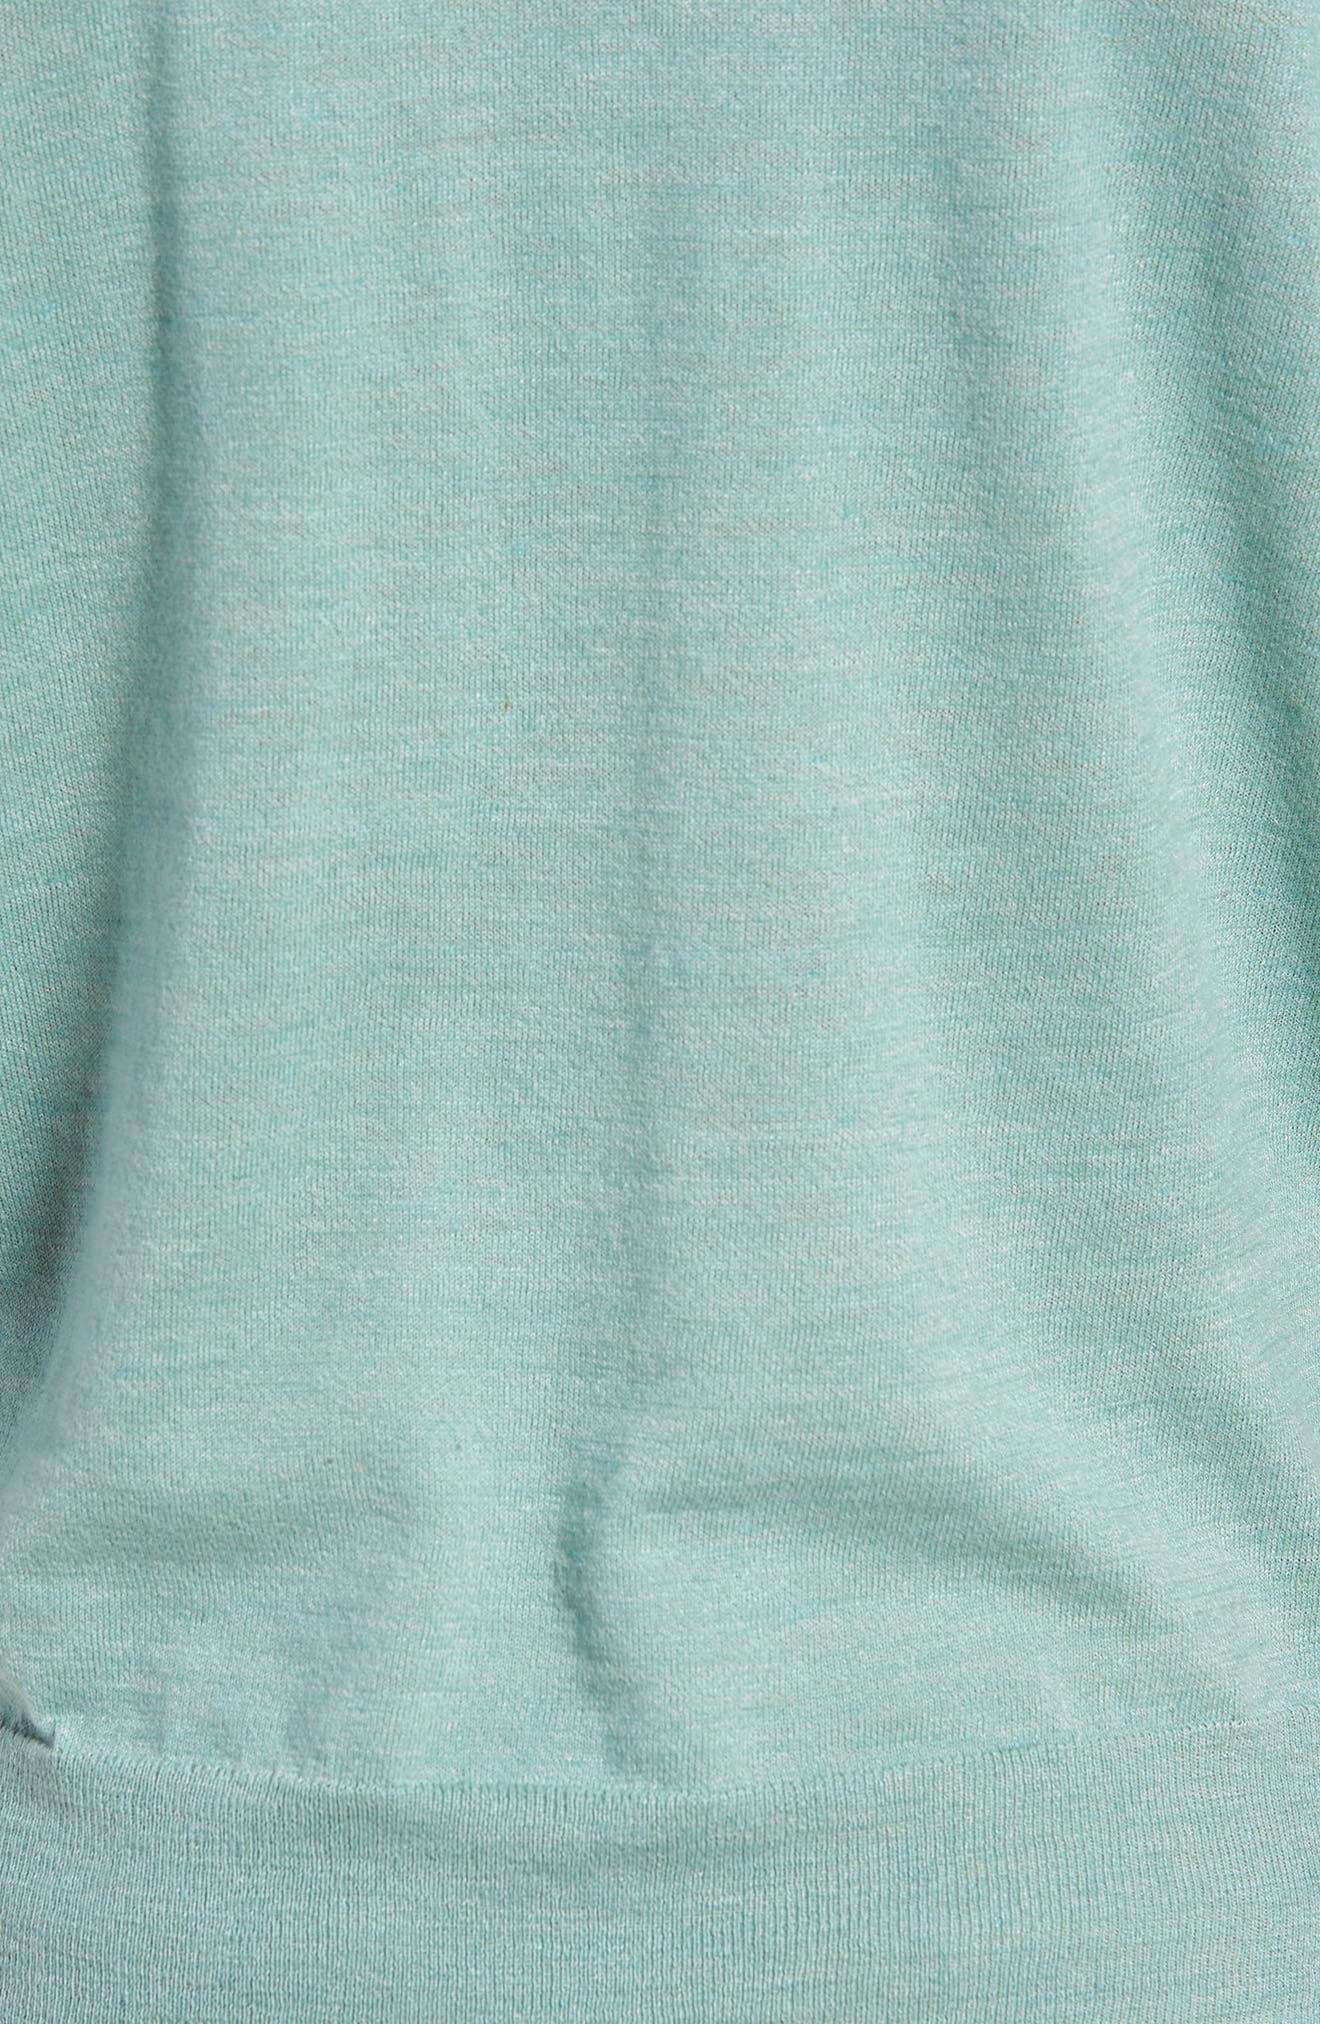 Cotton Blend Crewneck Sweater,                             Alternate thumbnail 18, color,